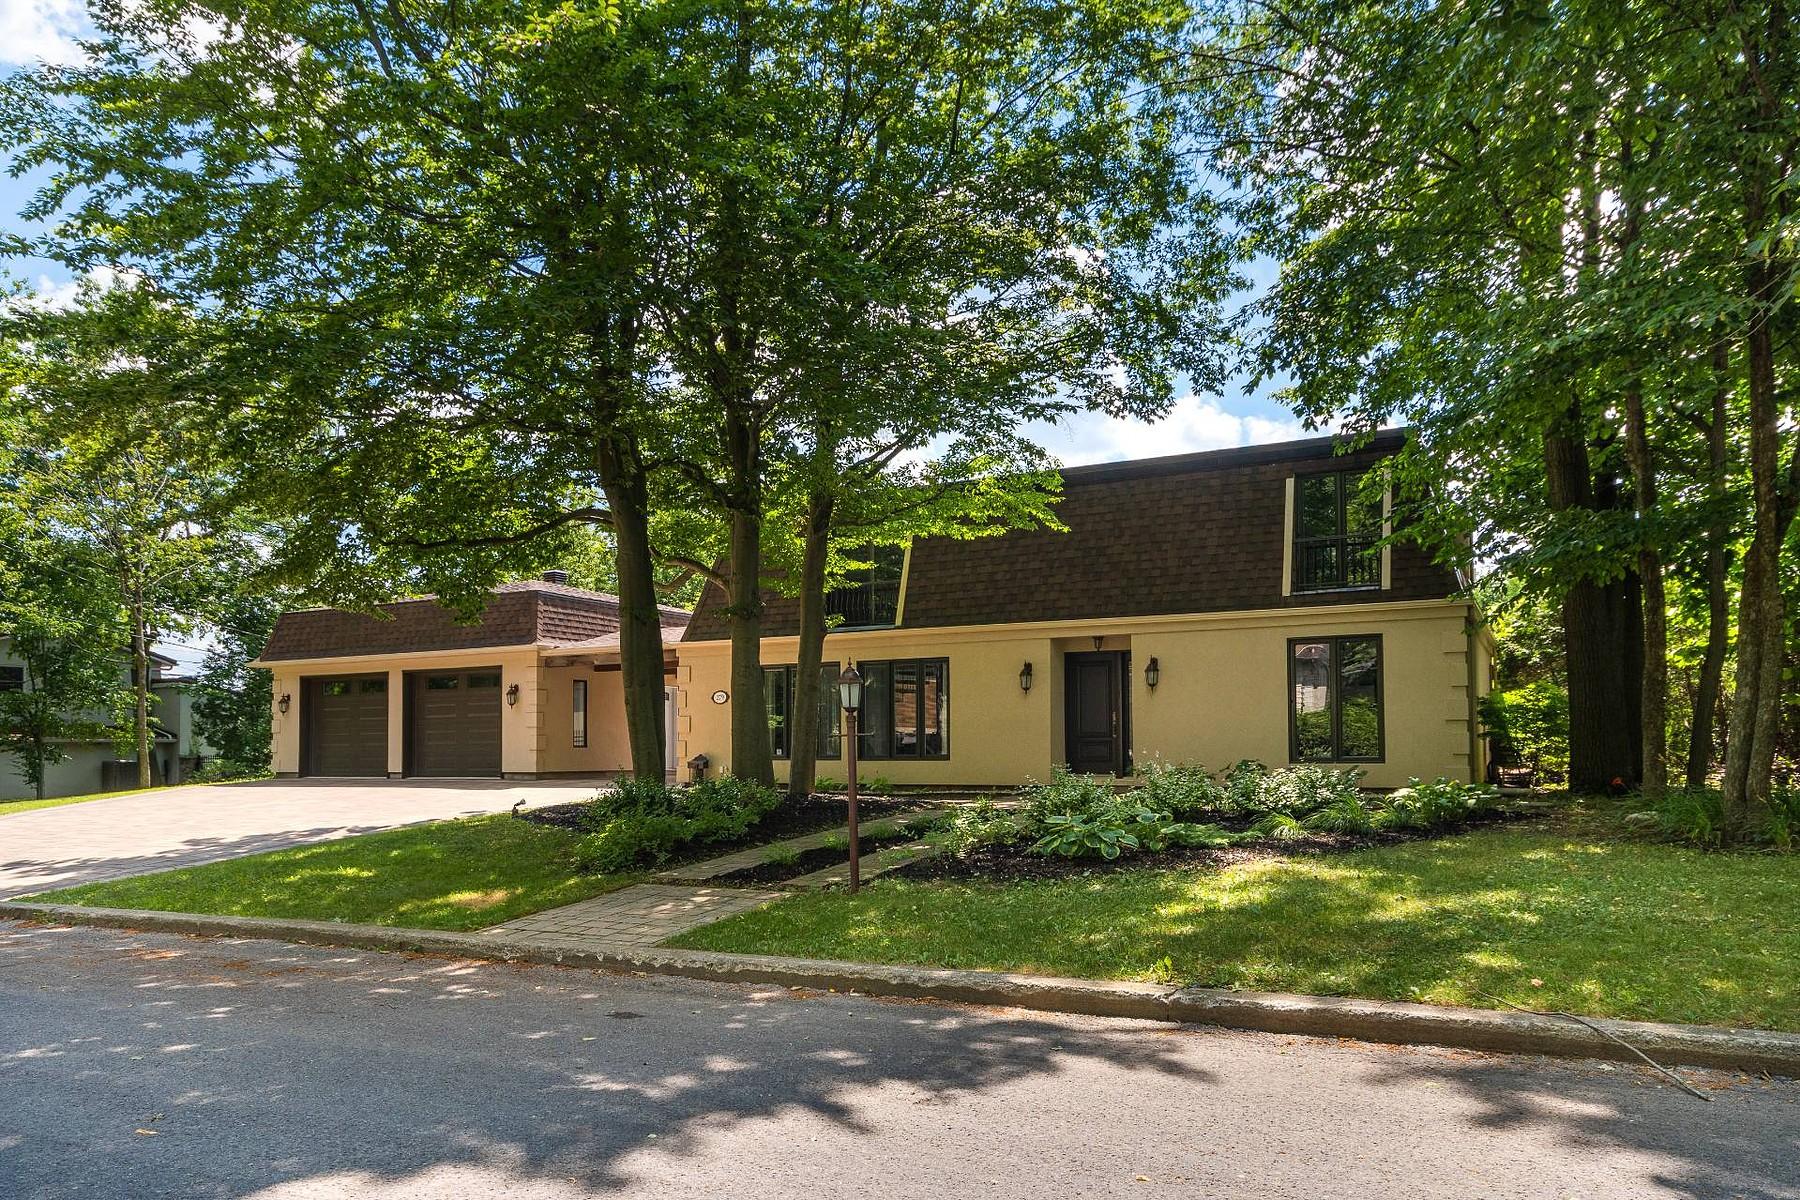 Single Family Homes for Sale at Saint-Jean-sur-Richelieu, Montérégie 279 Rue des Bois Saint-Jean-Sur-Richelieu, Quebec J3B3S3 Canada